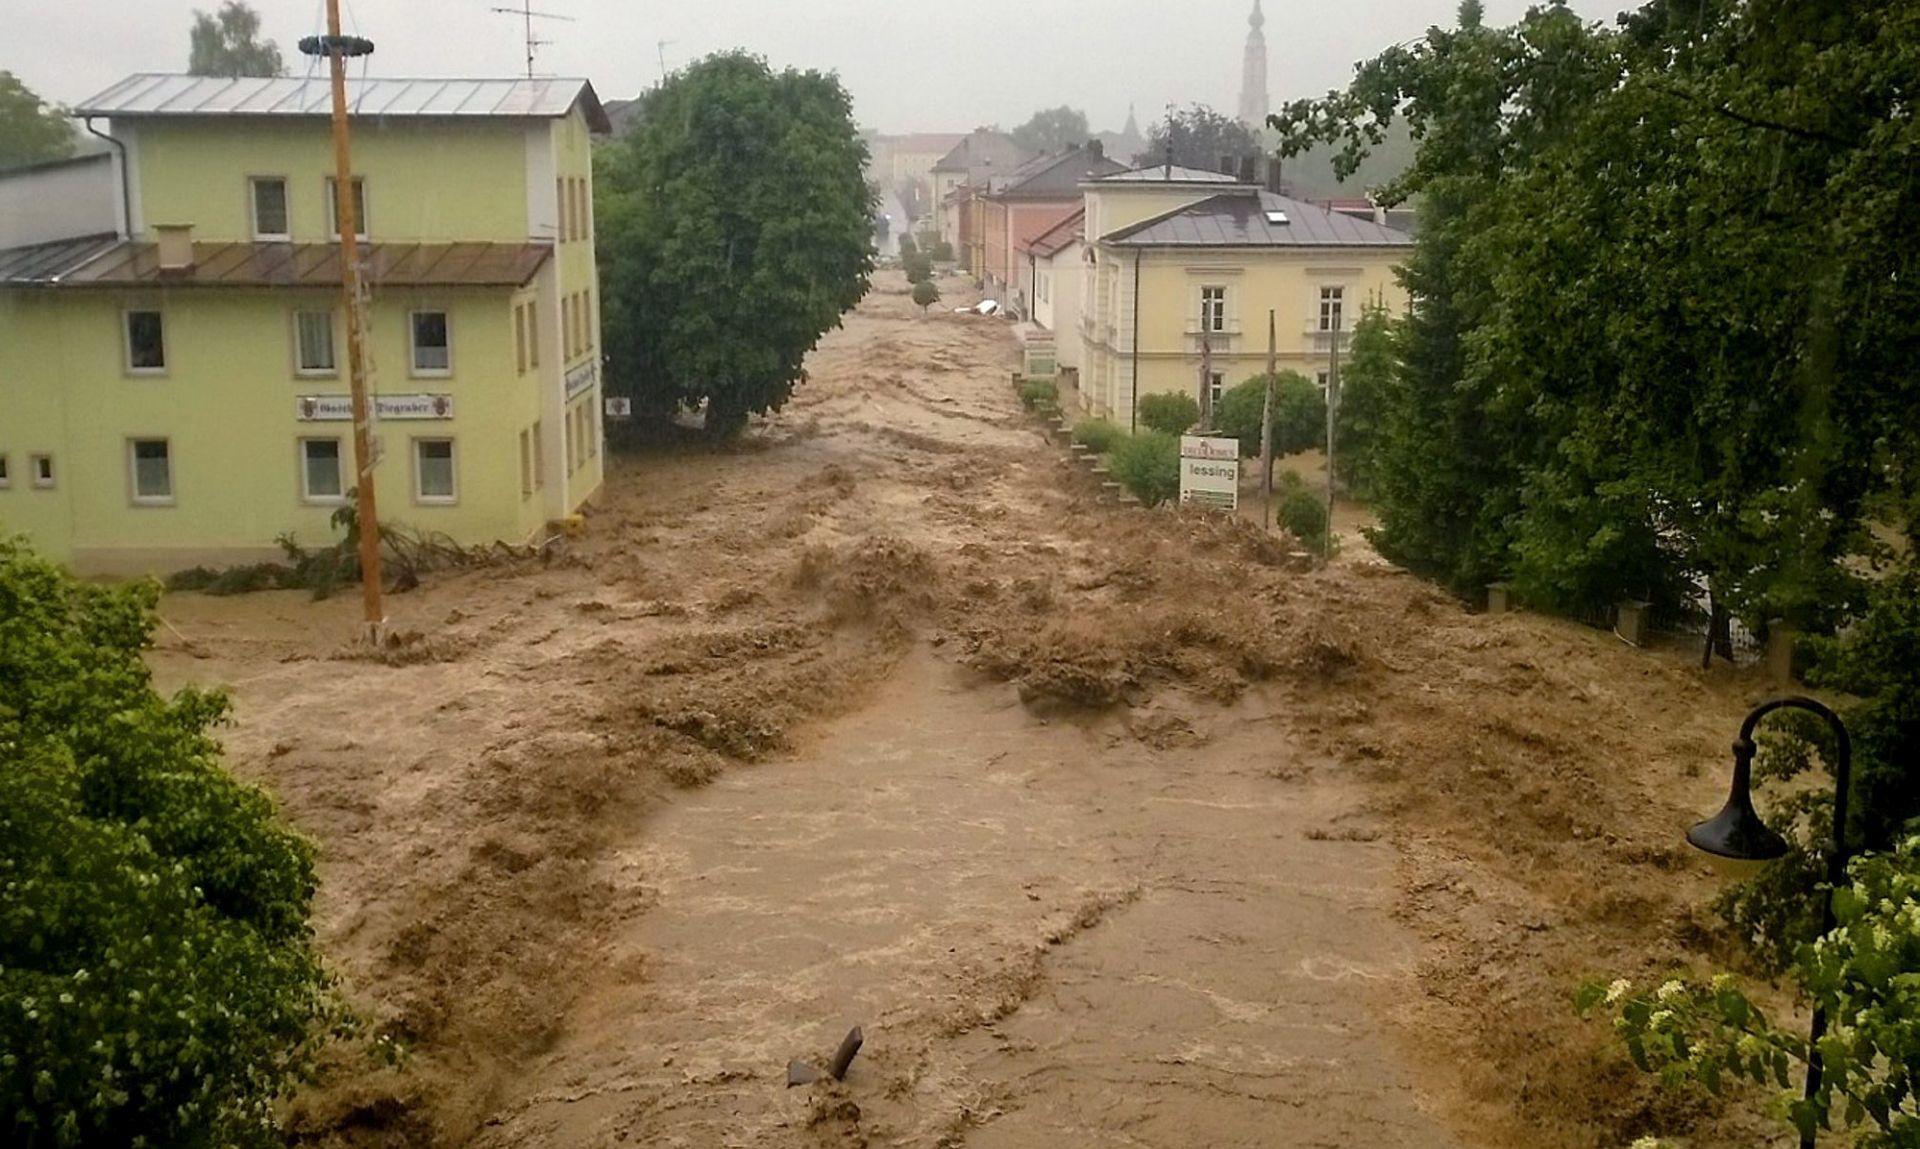 PORAST RAZINE RIJEKA: Poplave u Njemačkoj, Austriji i Francuskoj